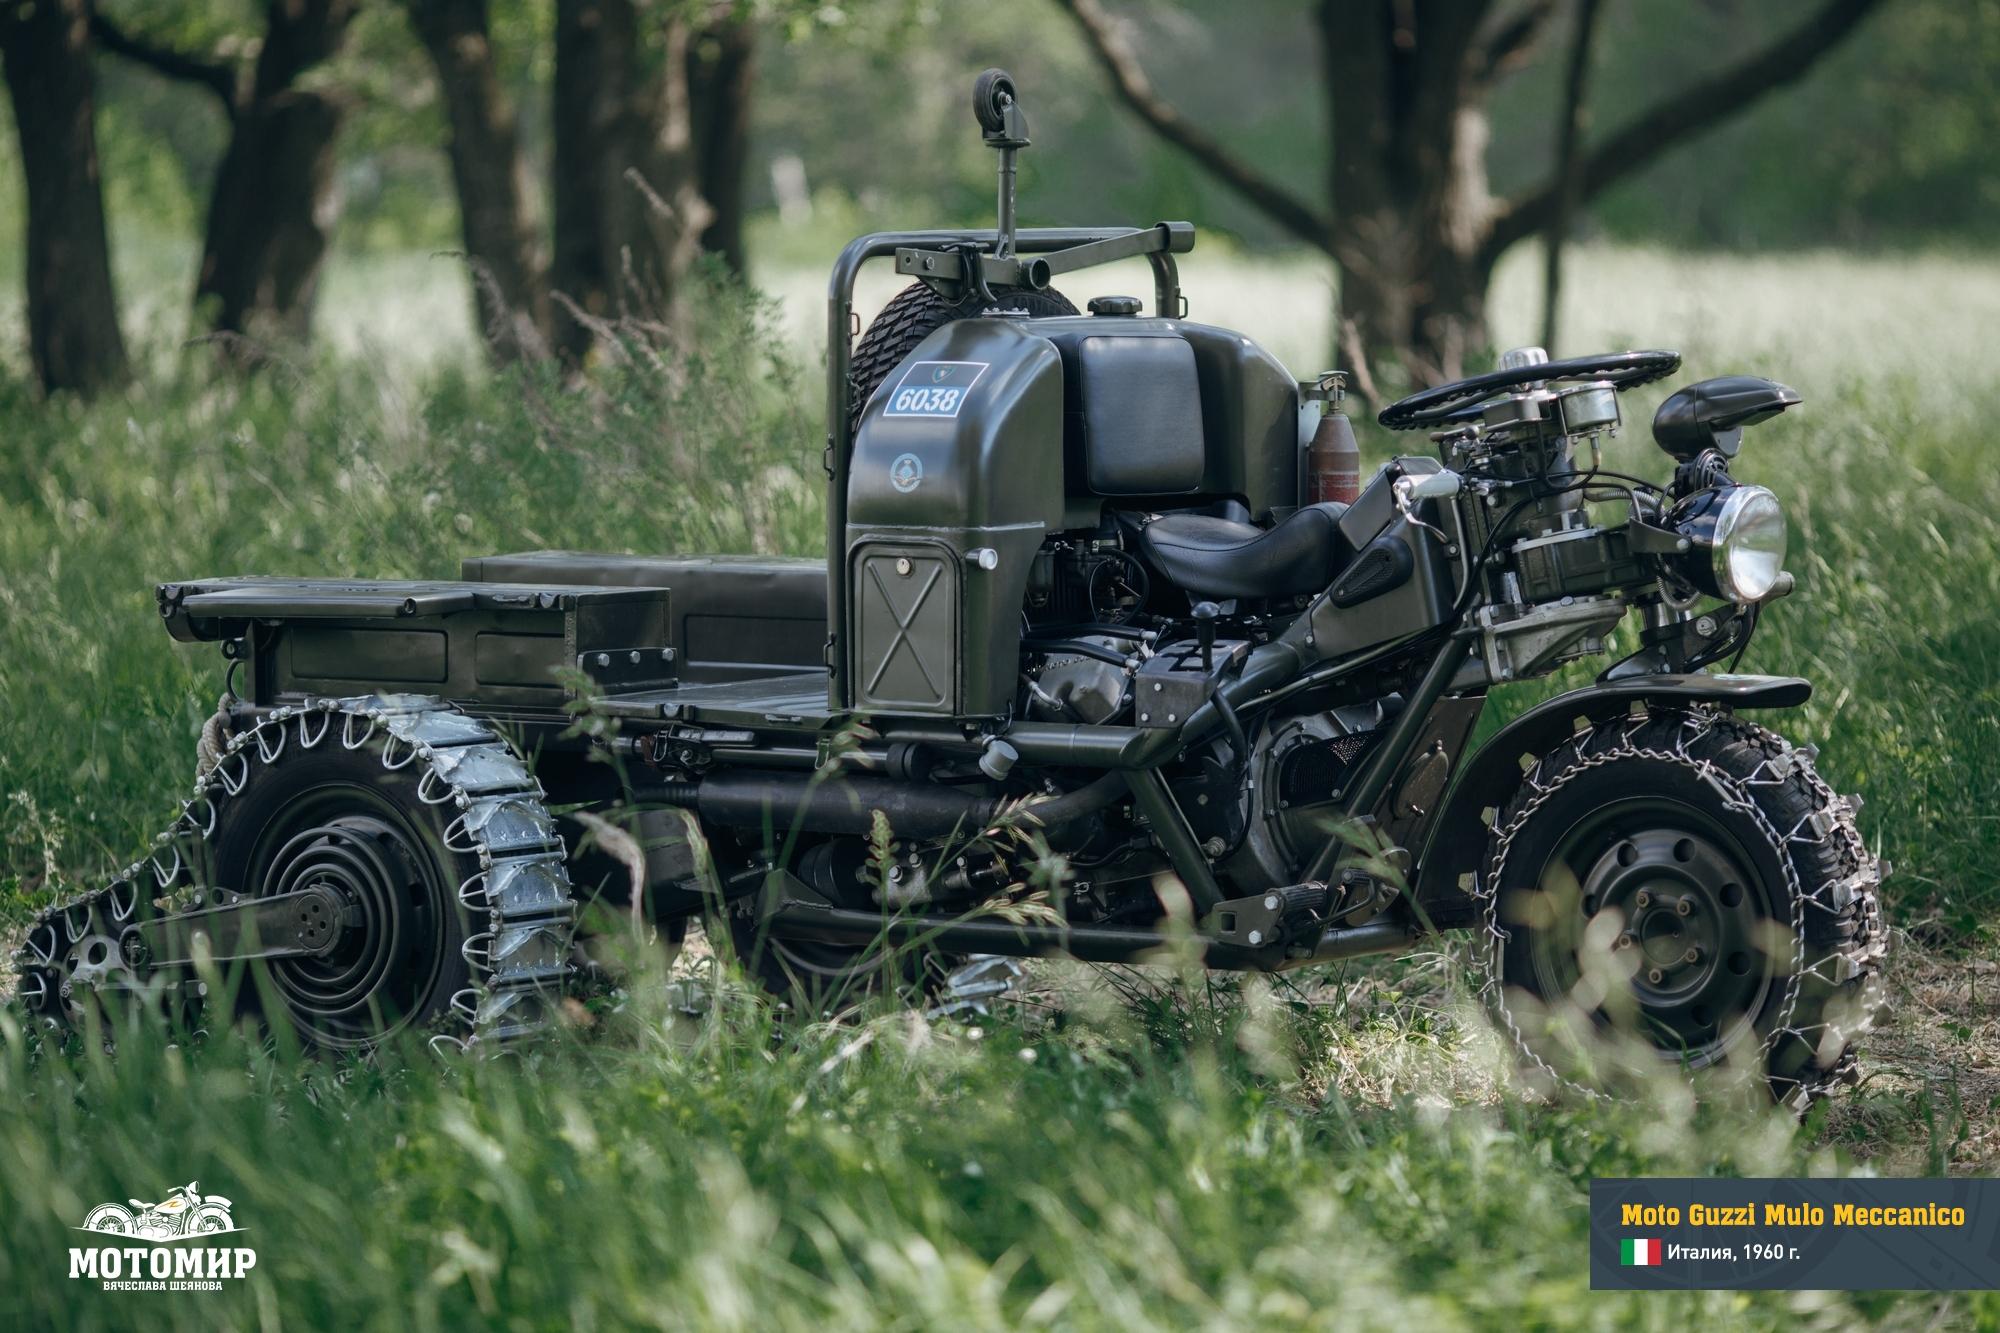 moto-guzzi-mulo-201506-web-08